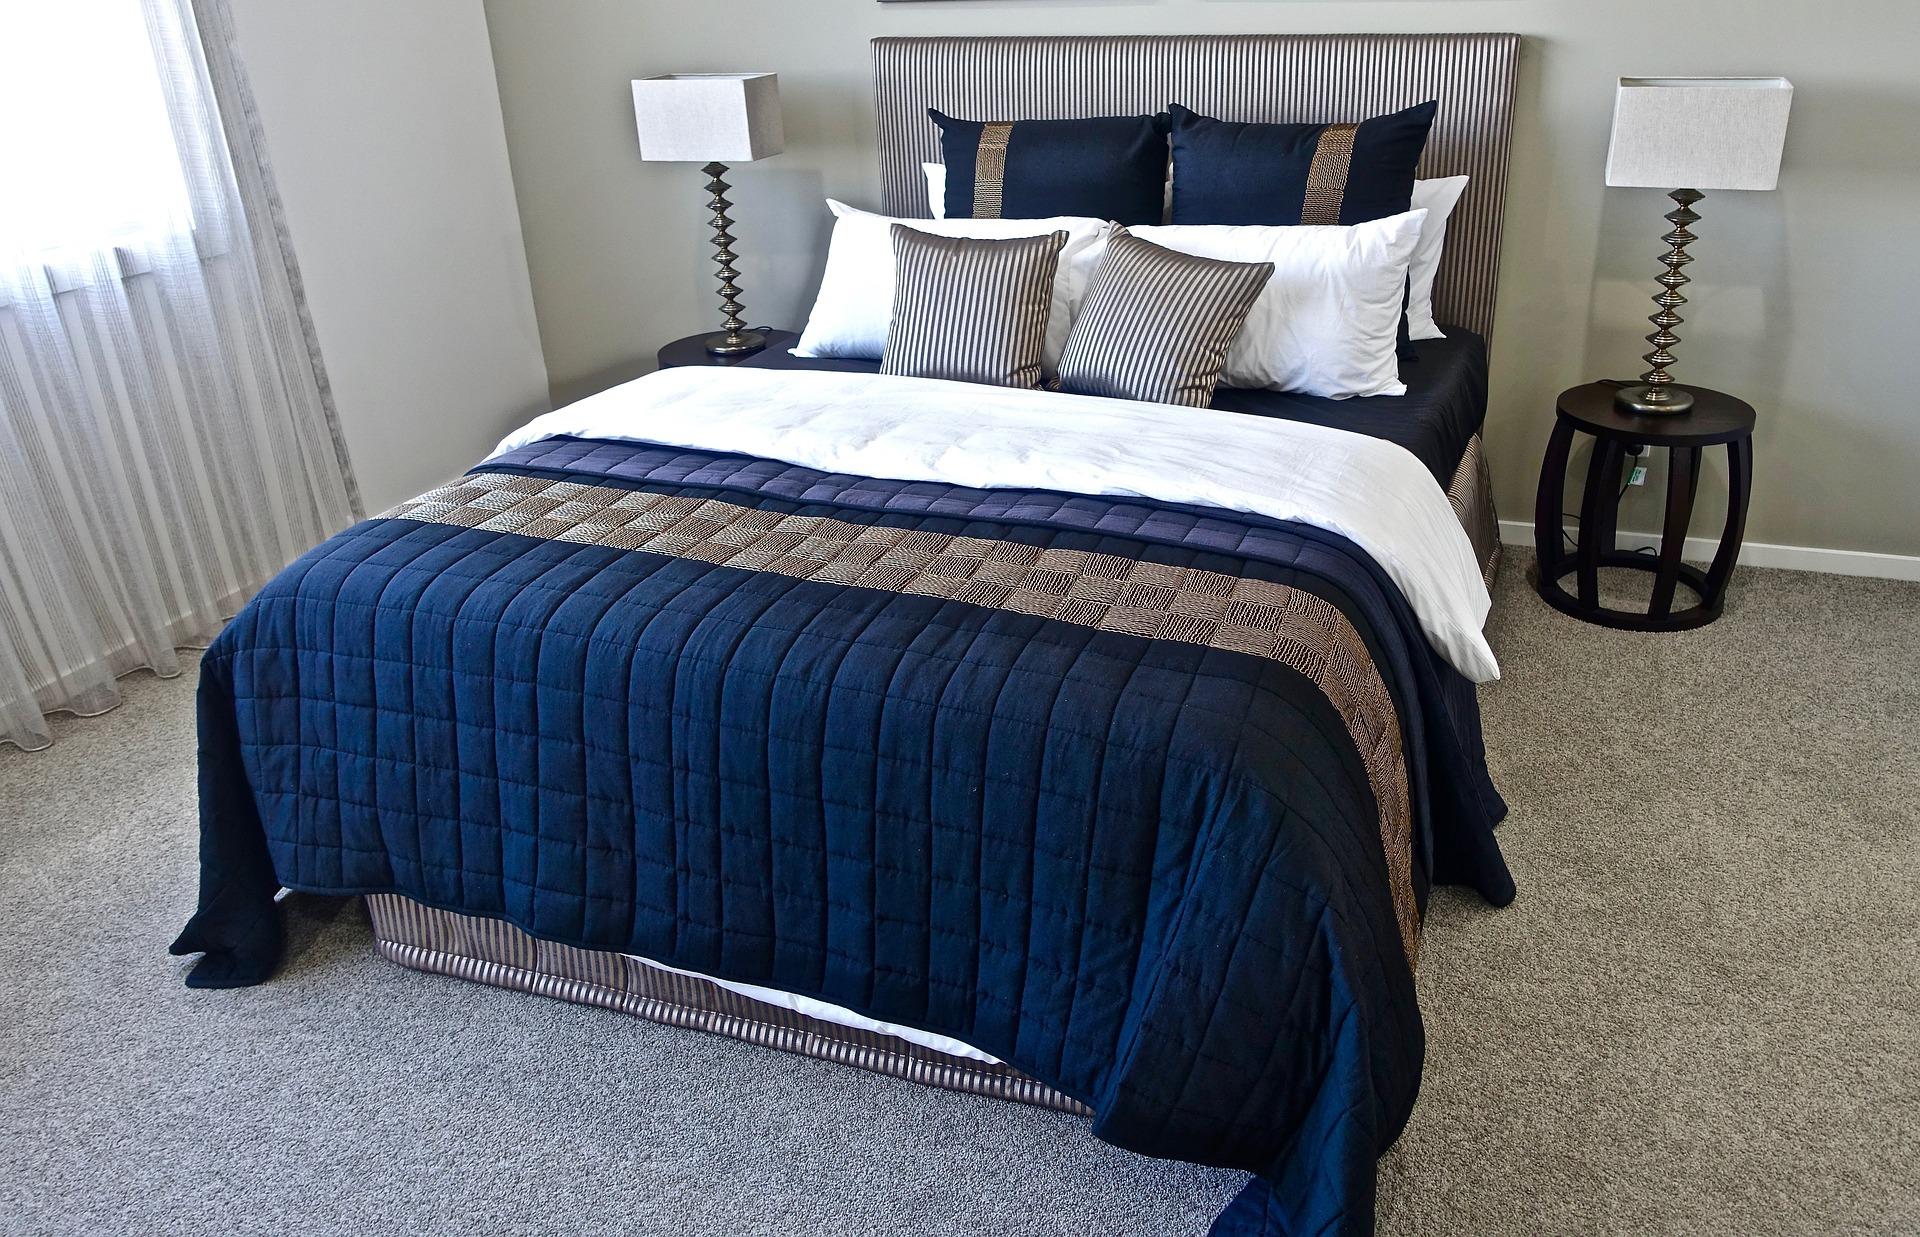 Na foto uma cama de casal com roupa de cama azul e cinza entre dois abajures.